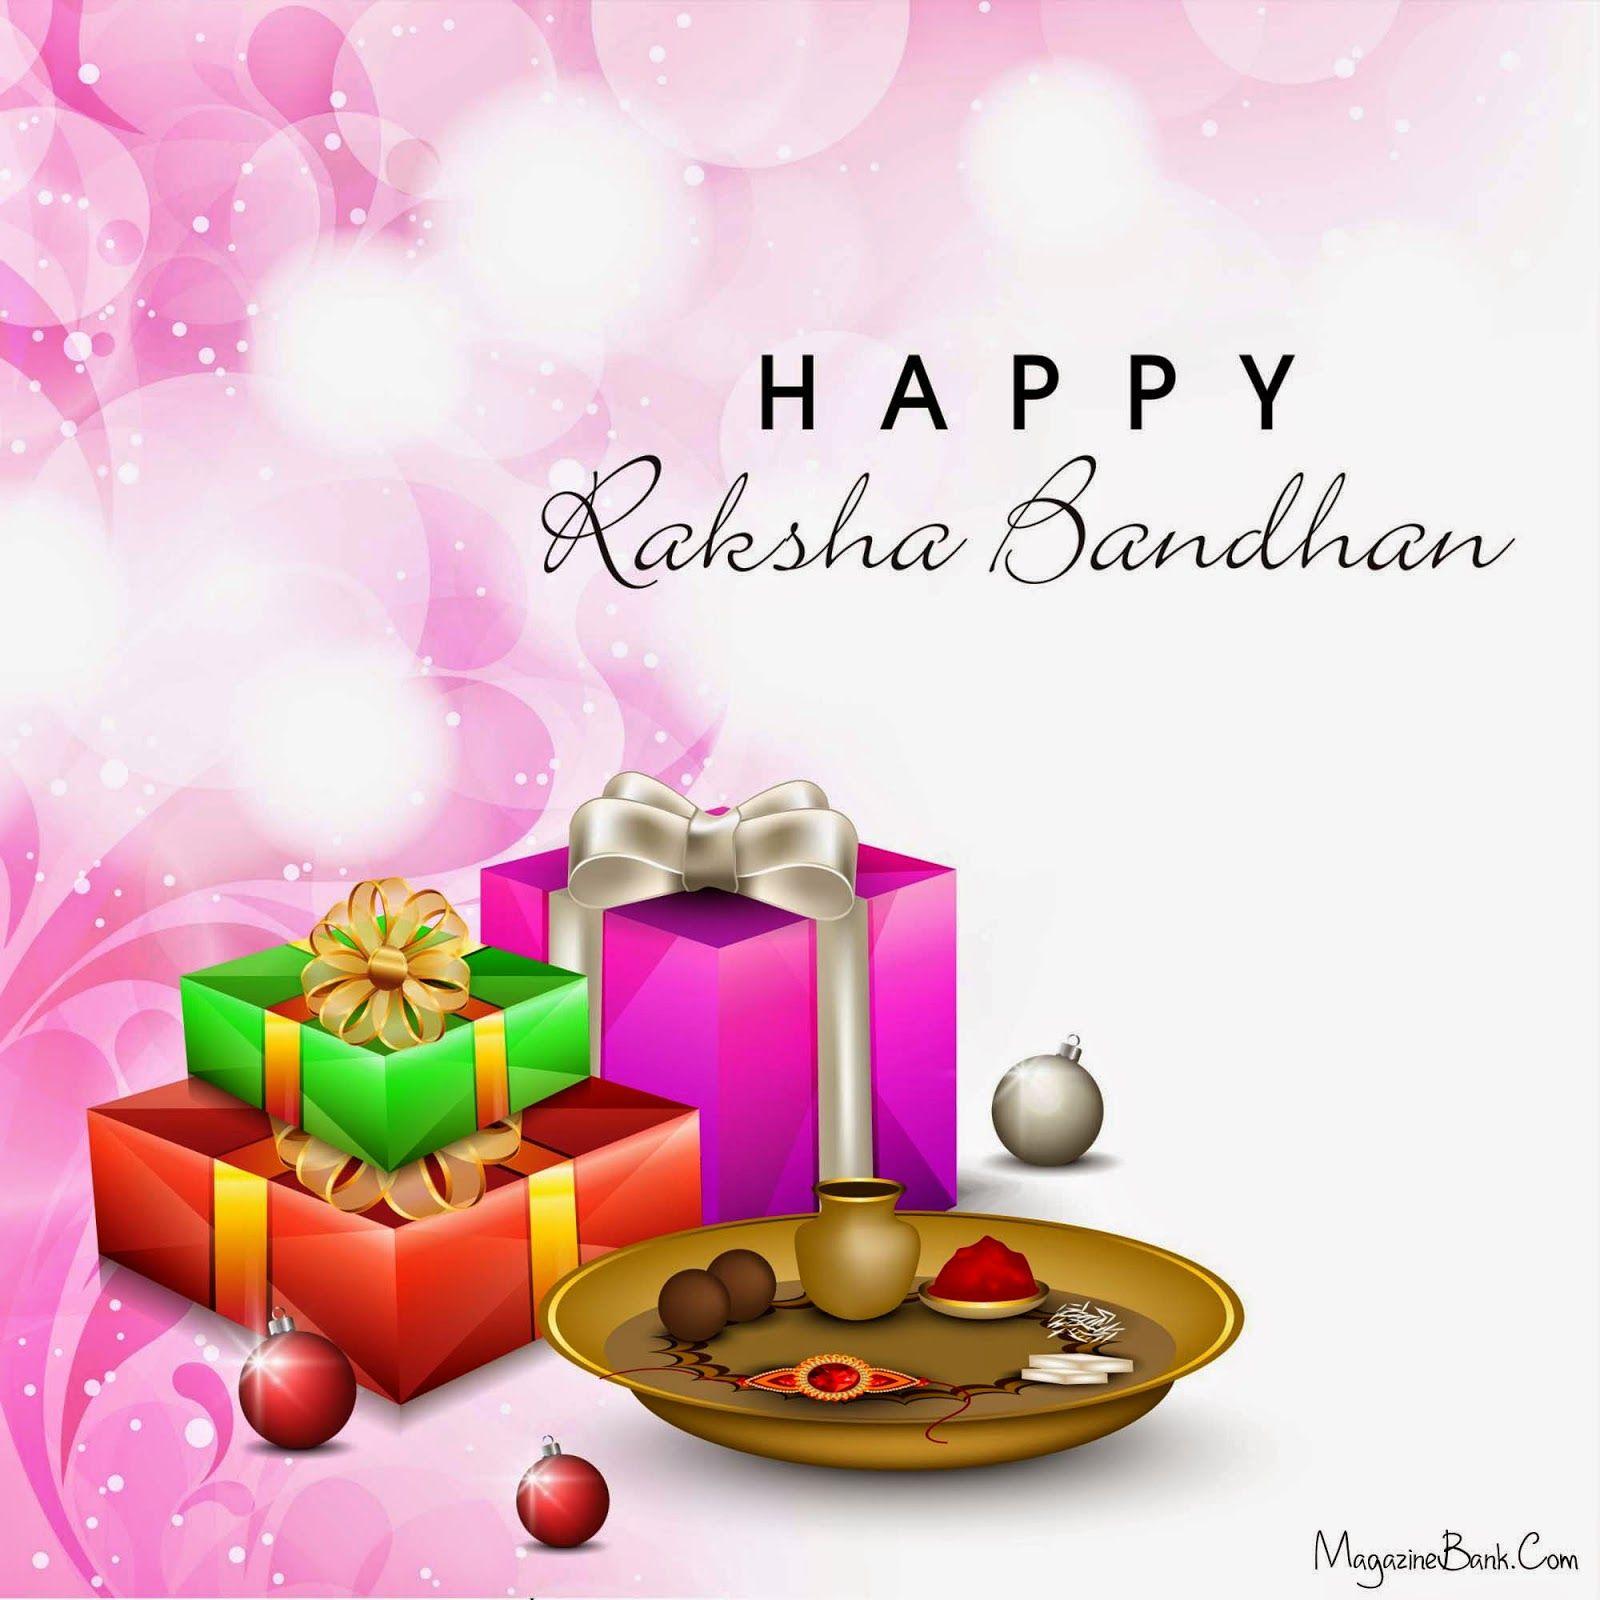 Raksha Bandhan 2014 Greetings Wallpaper For Facebook Cards